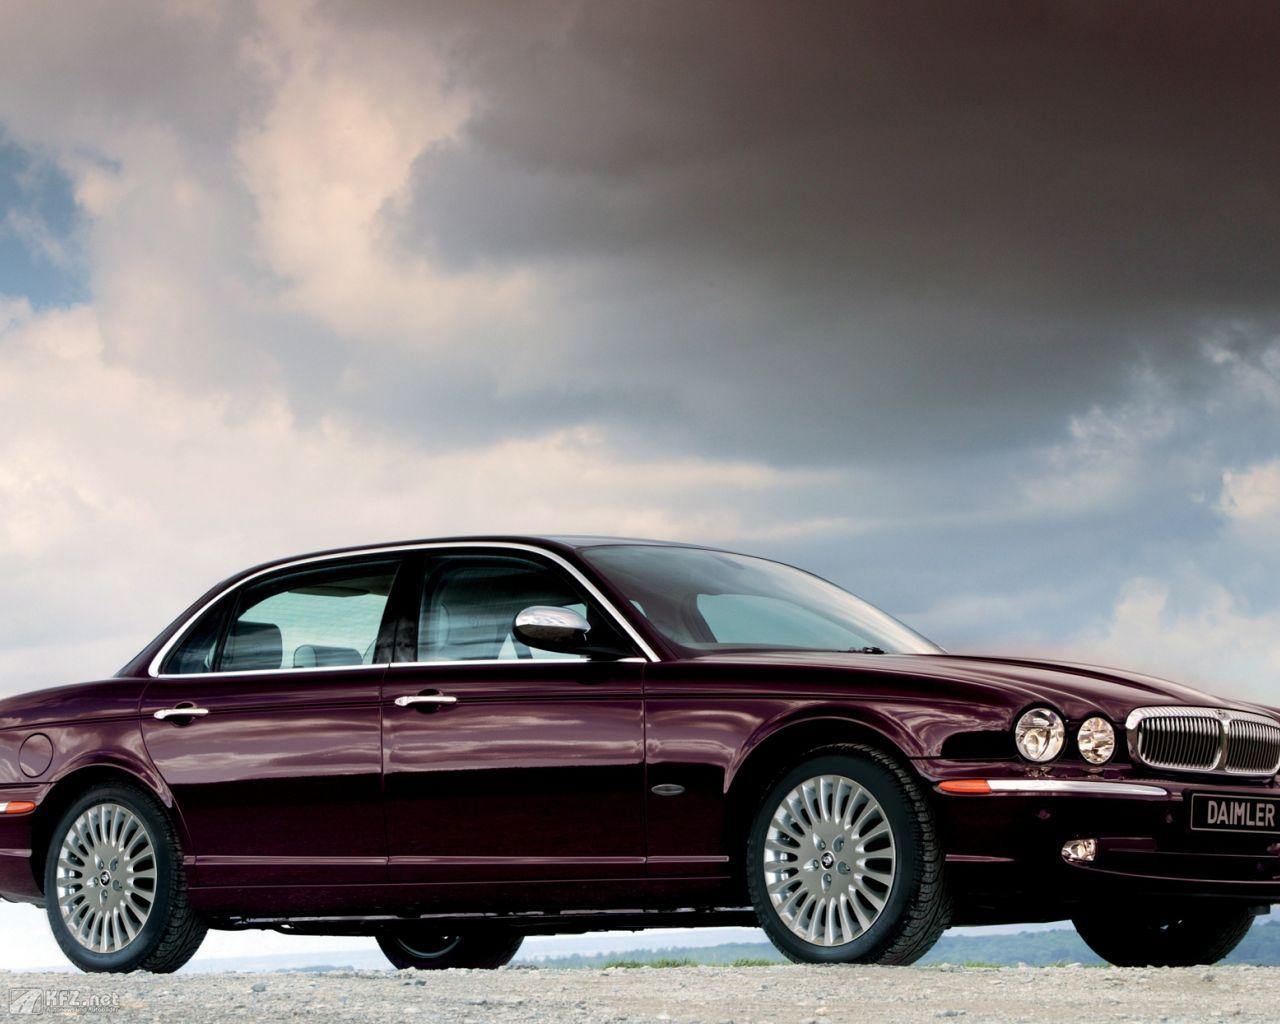 jaguar-daimler-1280x1024-21